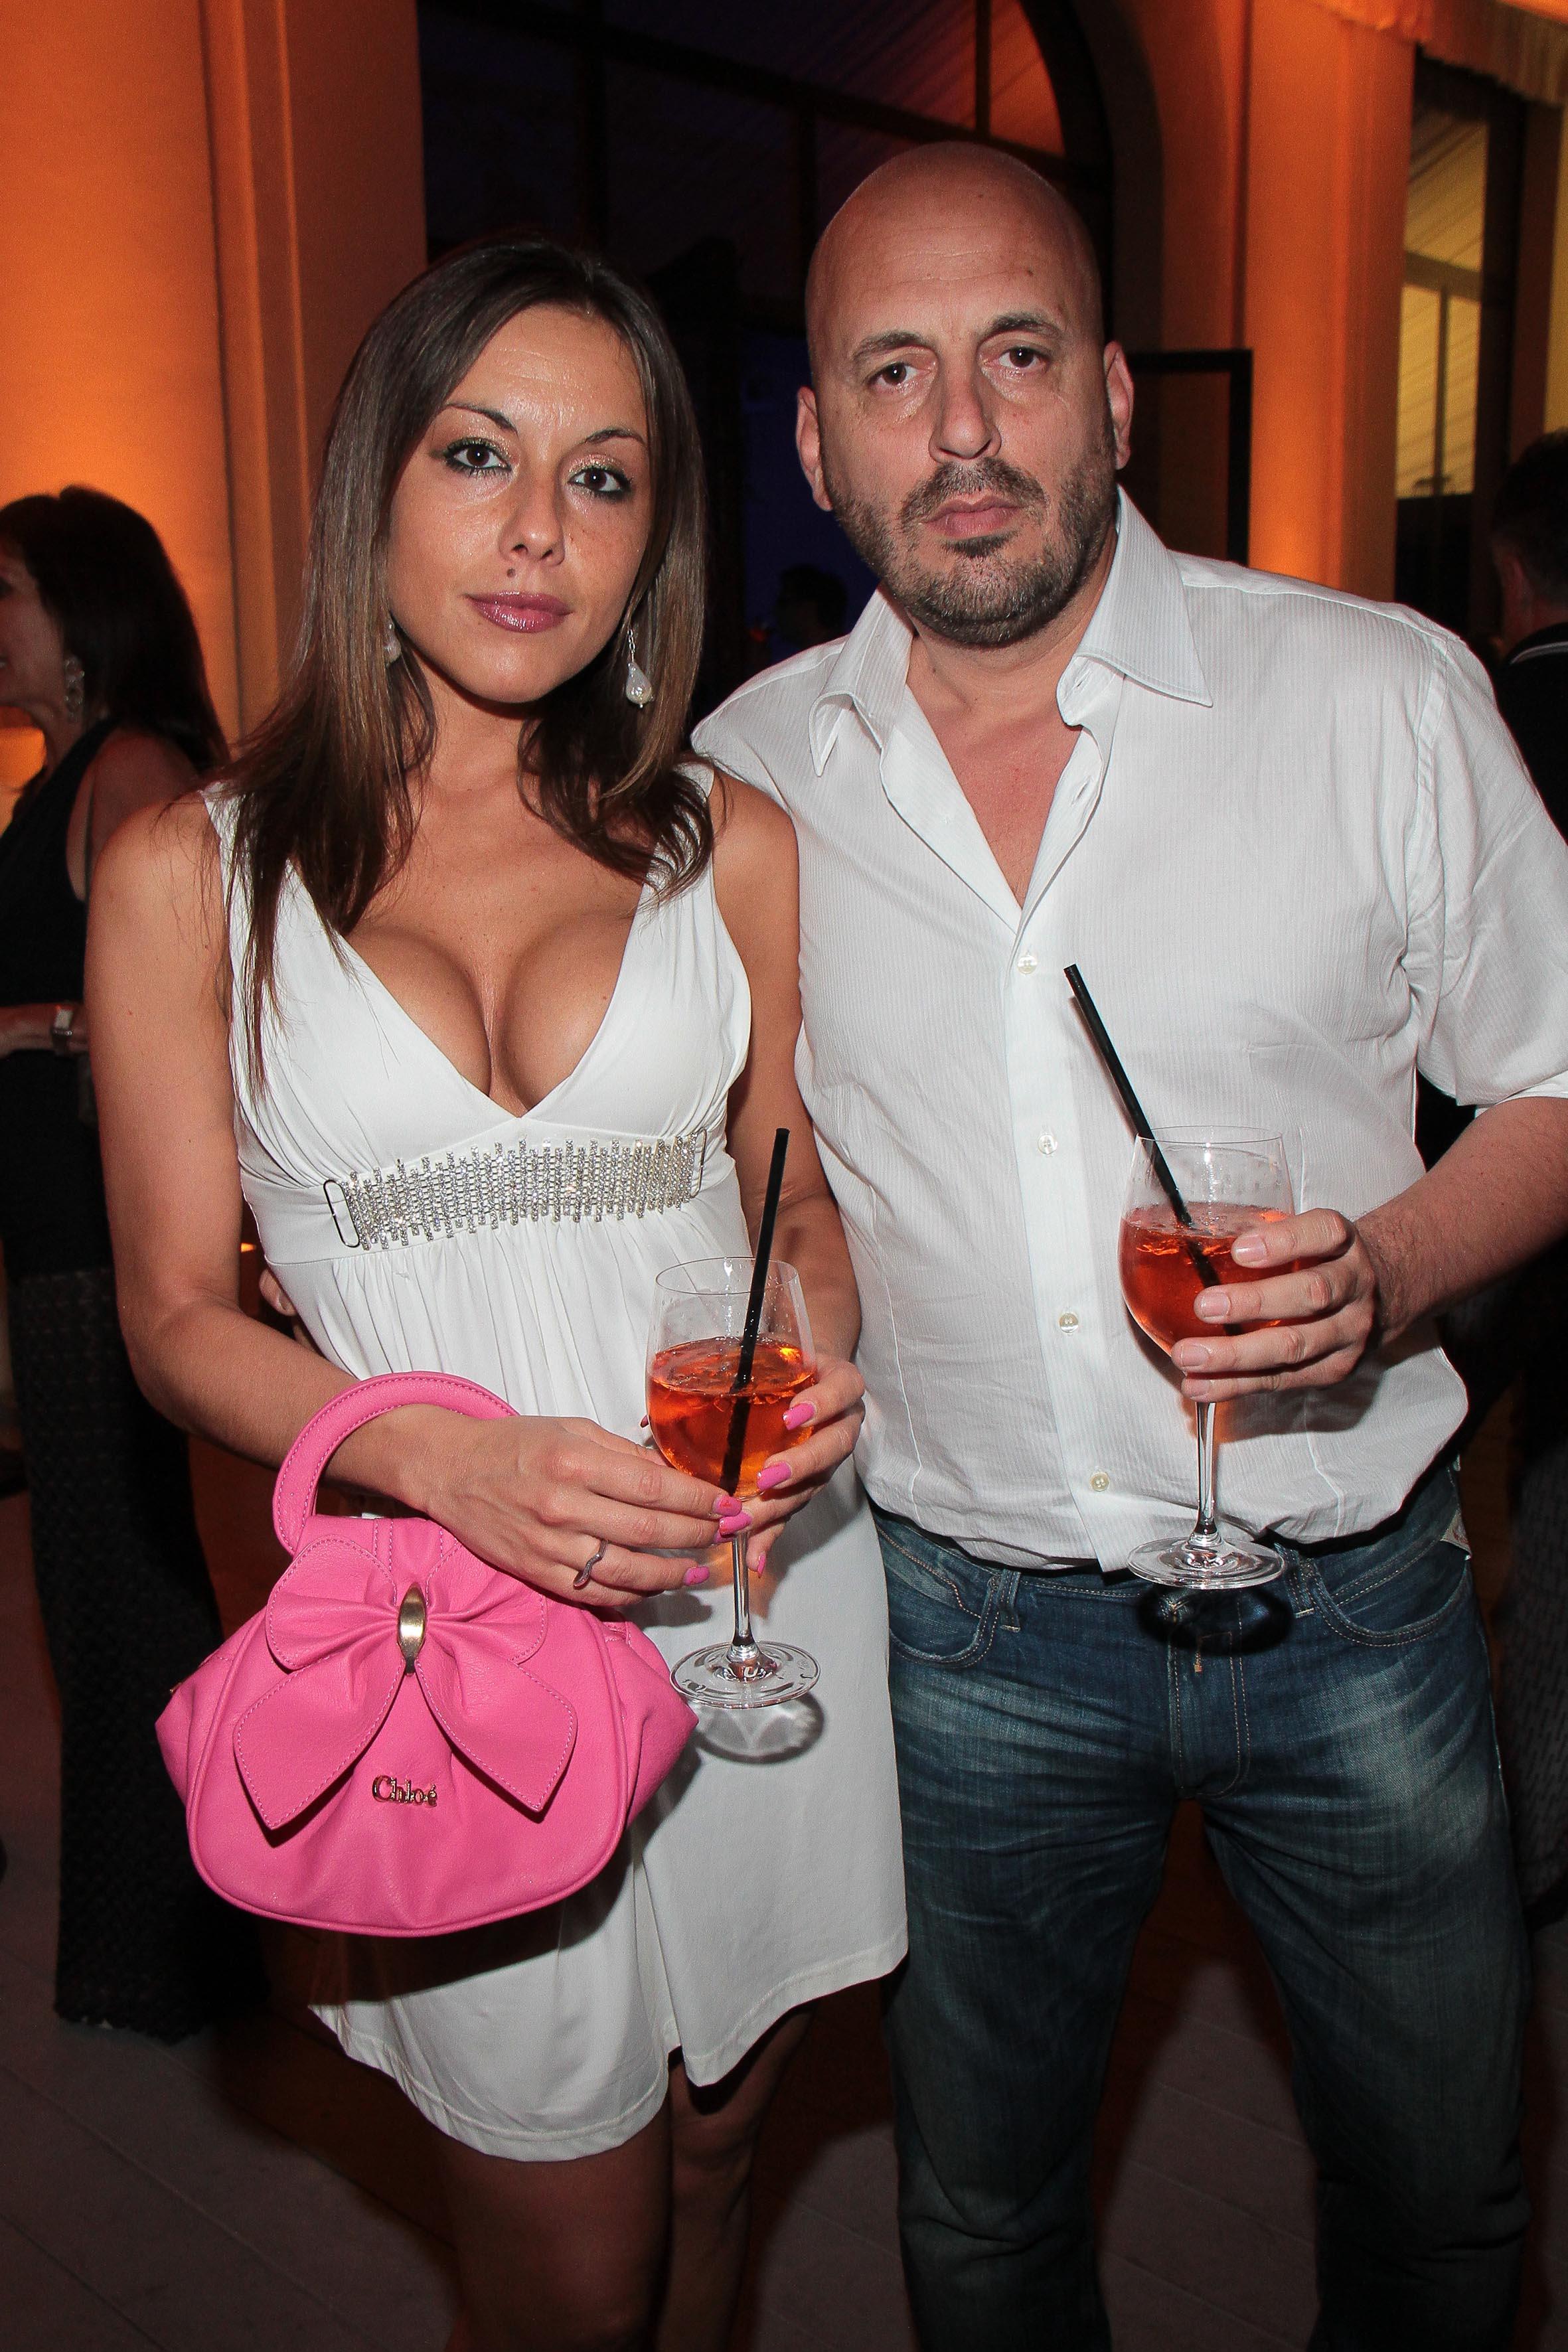 PRESSPHOTO Firenze, LOFT, evento Kocca. Nella foto Valentina Tosti, Fabio Bonciani giuseppe cabras/new press photo